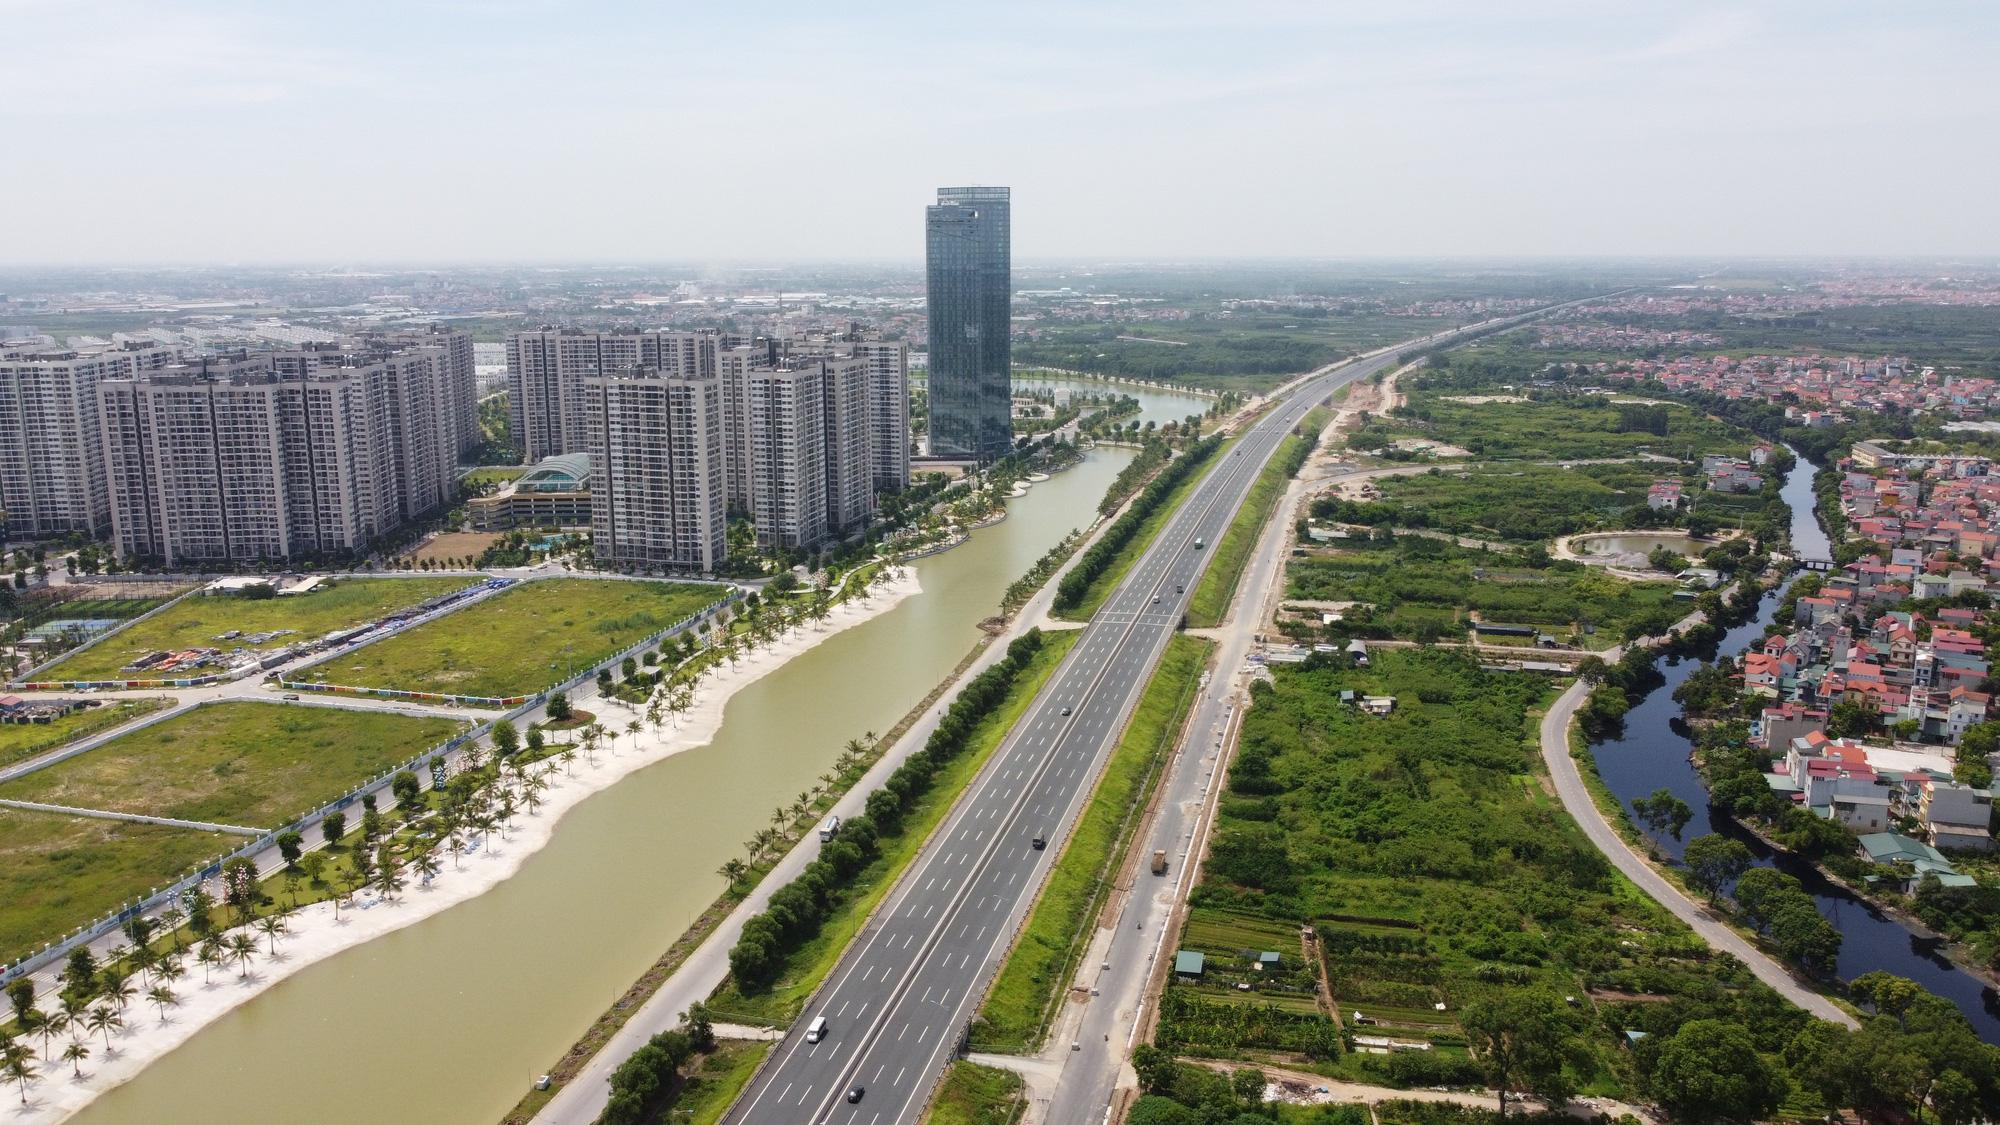 Dự án đắt kỷ lục thị trường BĐS, khoảng 700 triệu đồng/m2 sẽ 'bung hàng' sau khi tạm dừng giãn cách tại Hà Nội  - Ảnh 3.